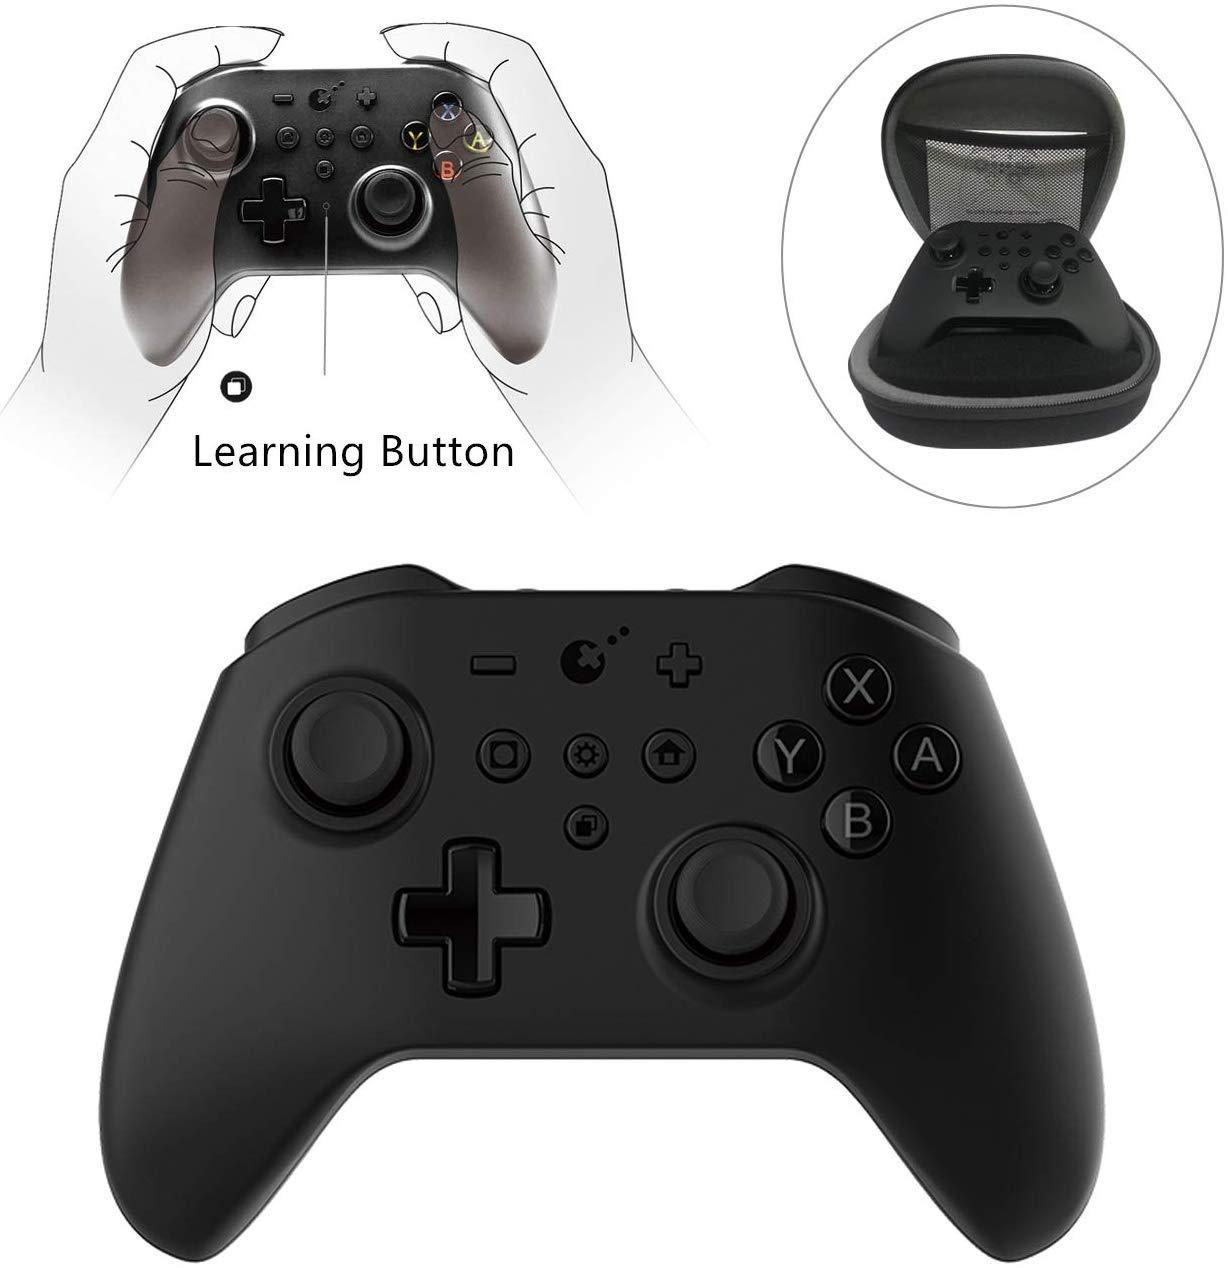 Controlador Pro inalámbrico para Nintendo Switch con botón de aprendizaje y doble CPU, función NFC, anillo de acero especial / detección de Hall ZR, botones ZL controlador de juegos bluetooth: Amazon.es: Videojuegos